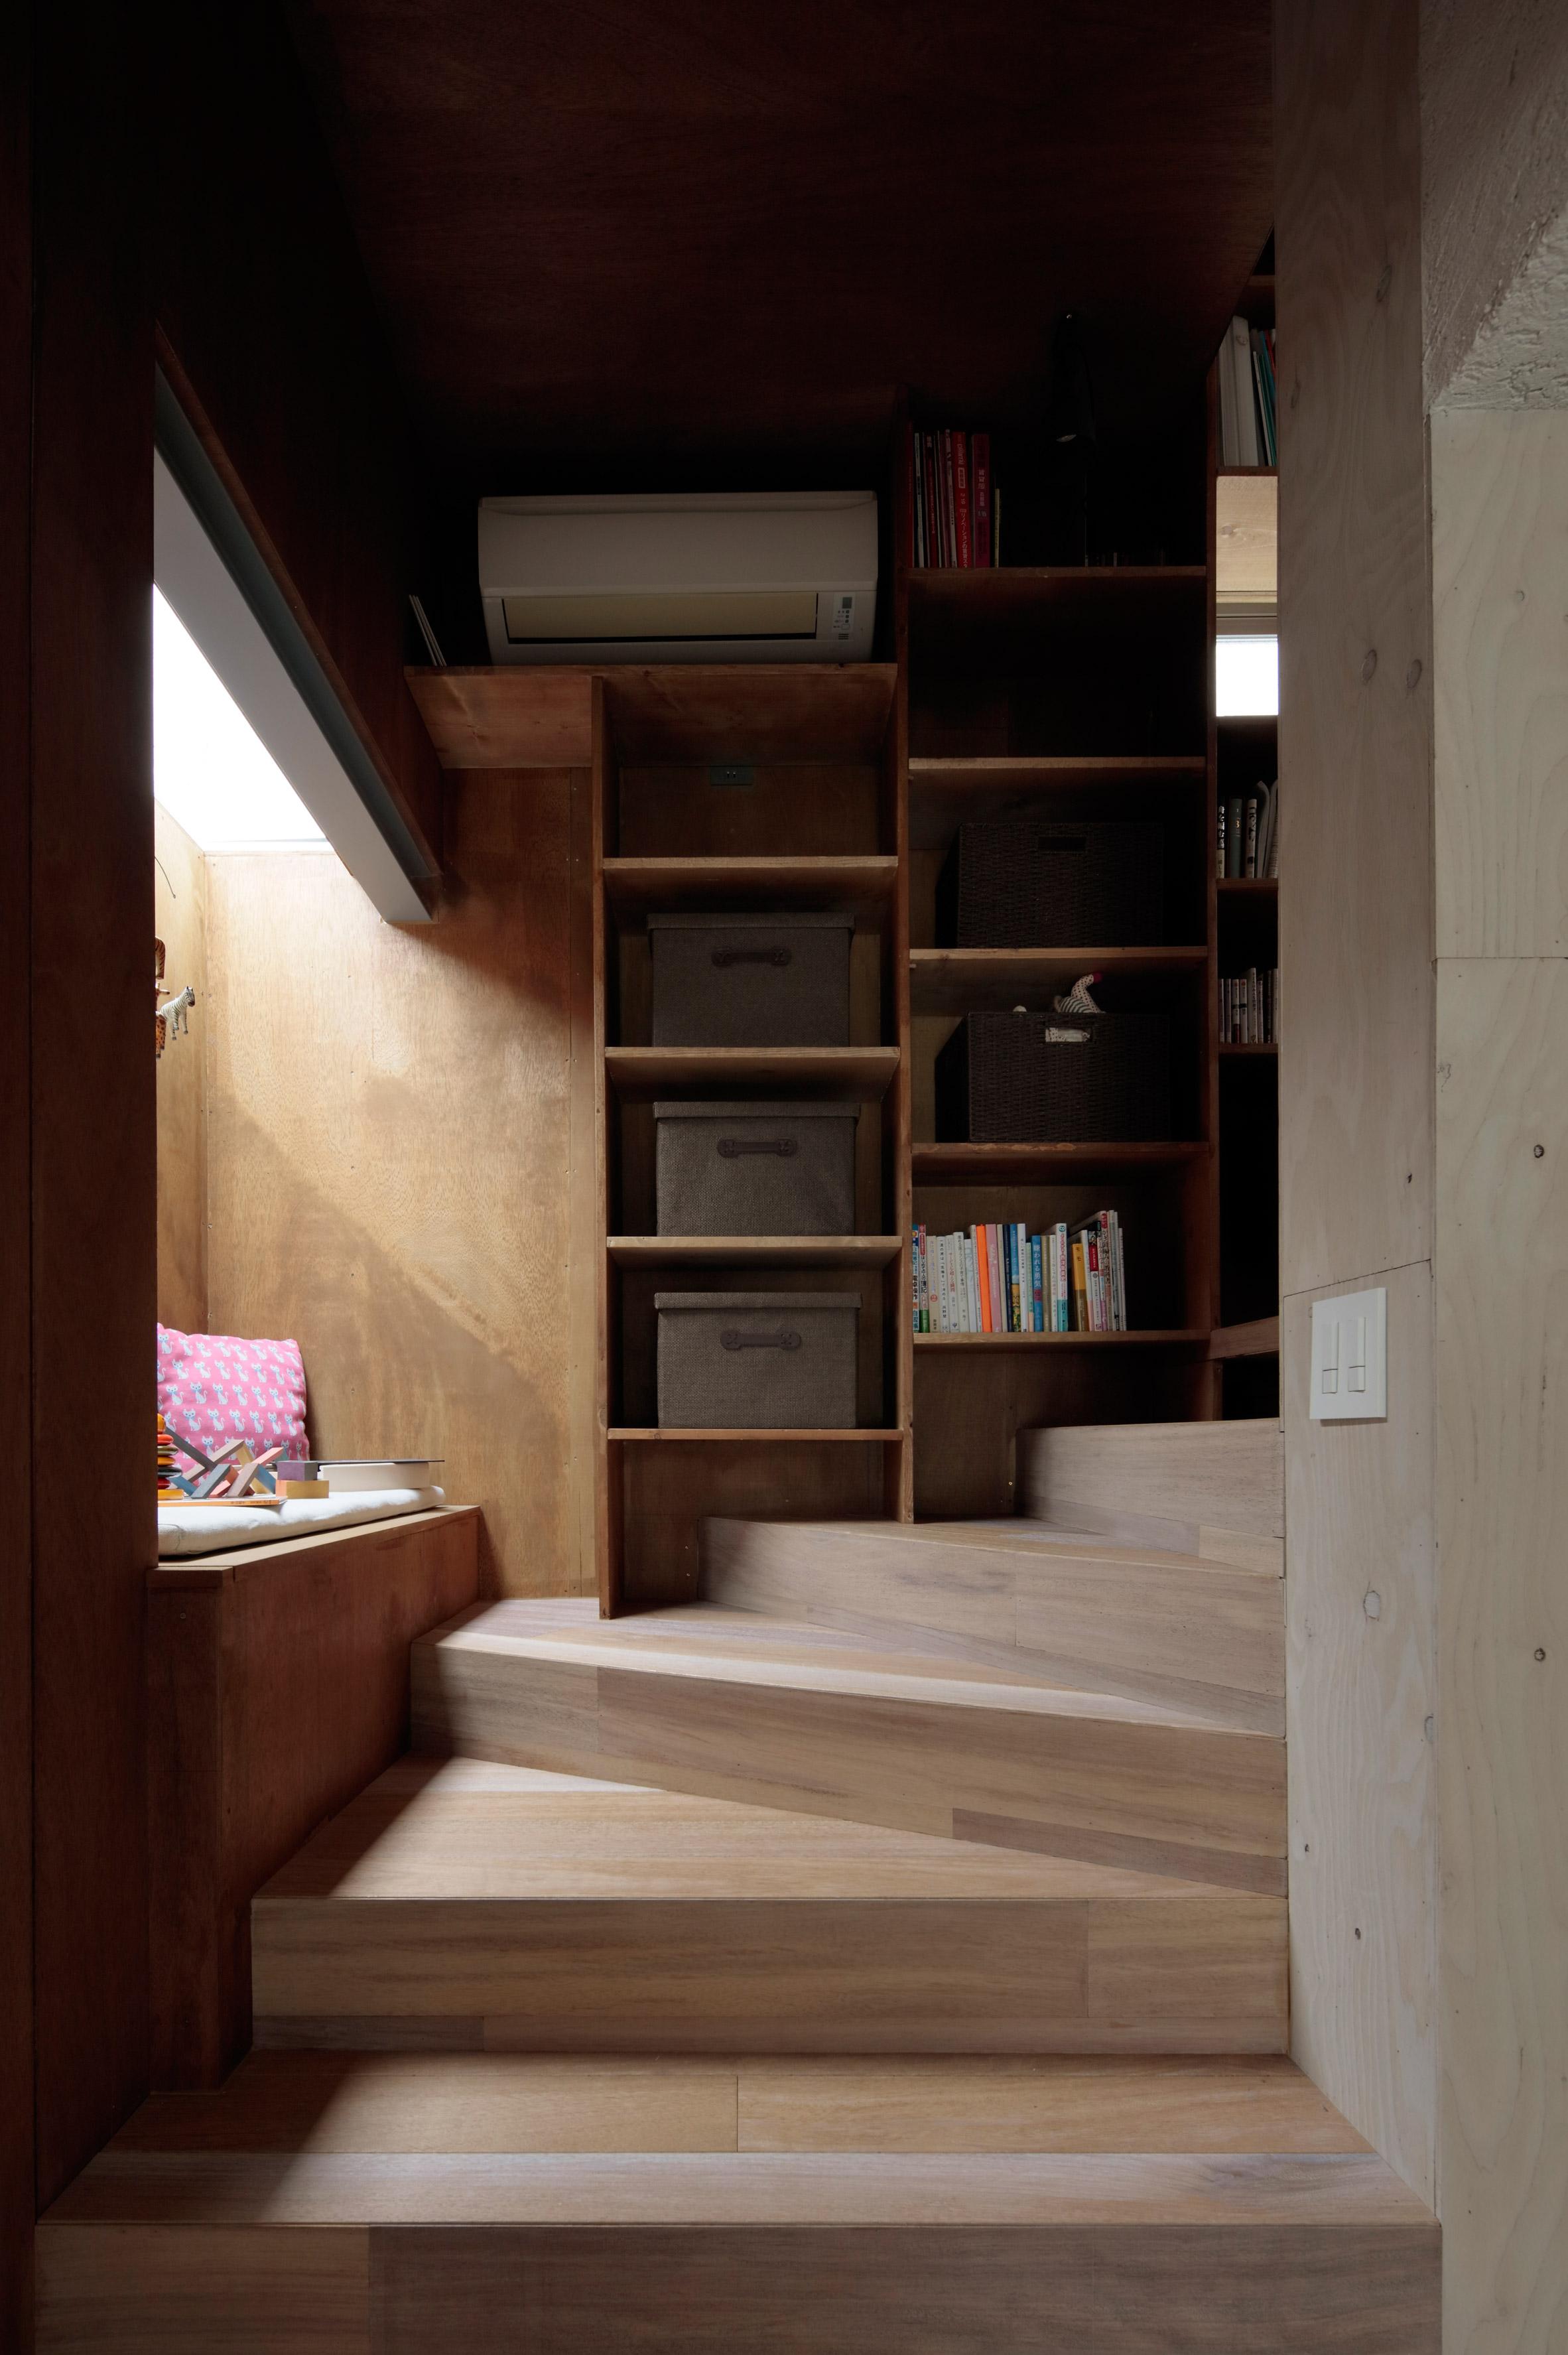 Spiraling Tokyo modern home has no doors inside